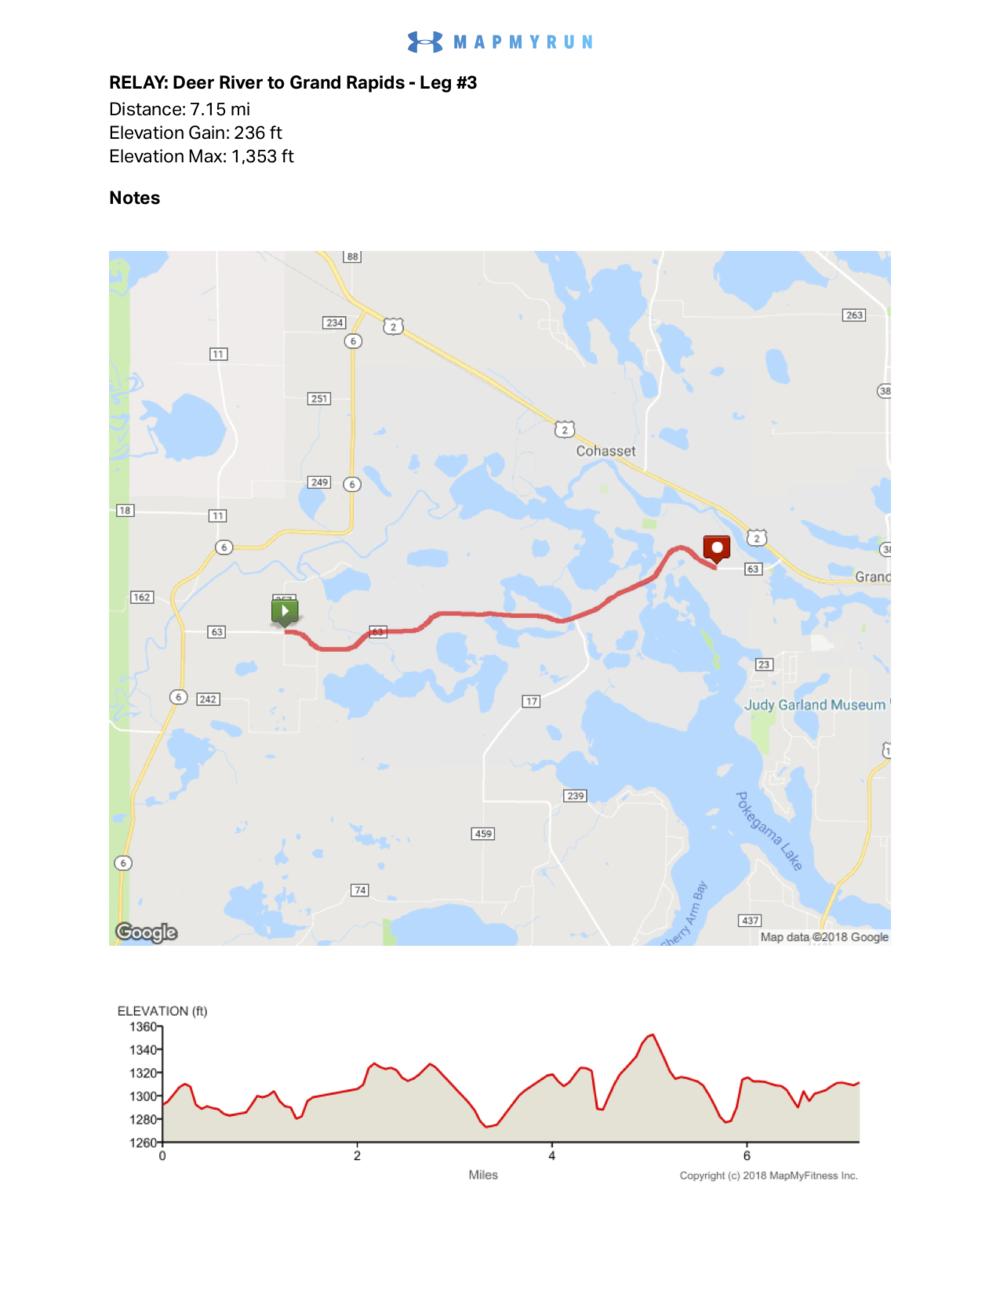 Leg #3 - Deer River to Grand Rapids